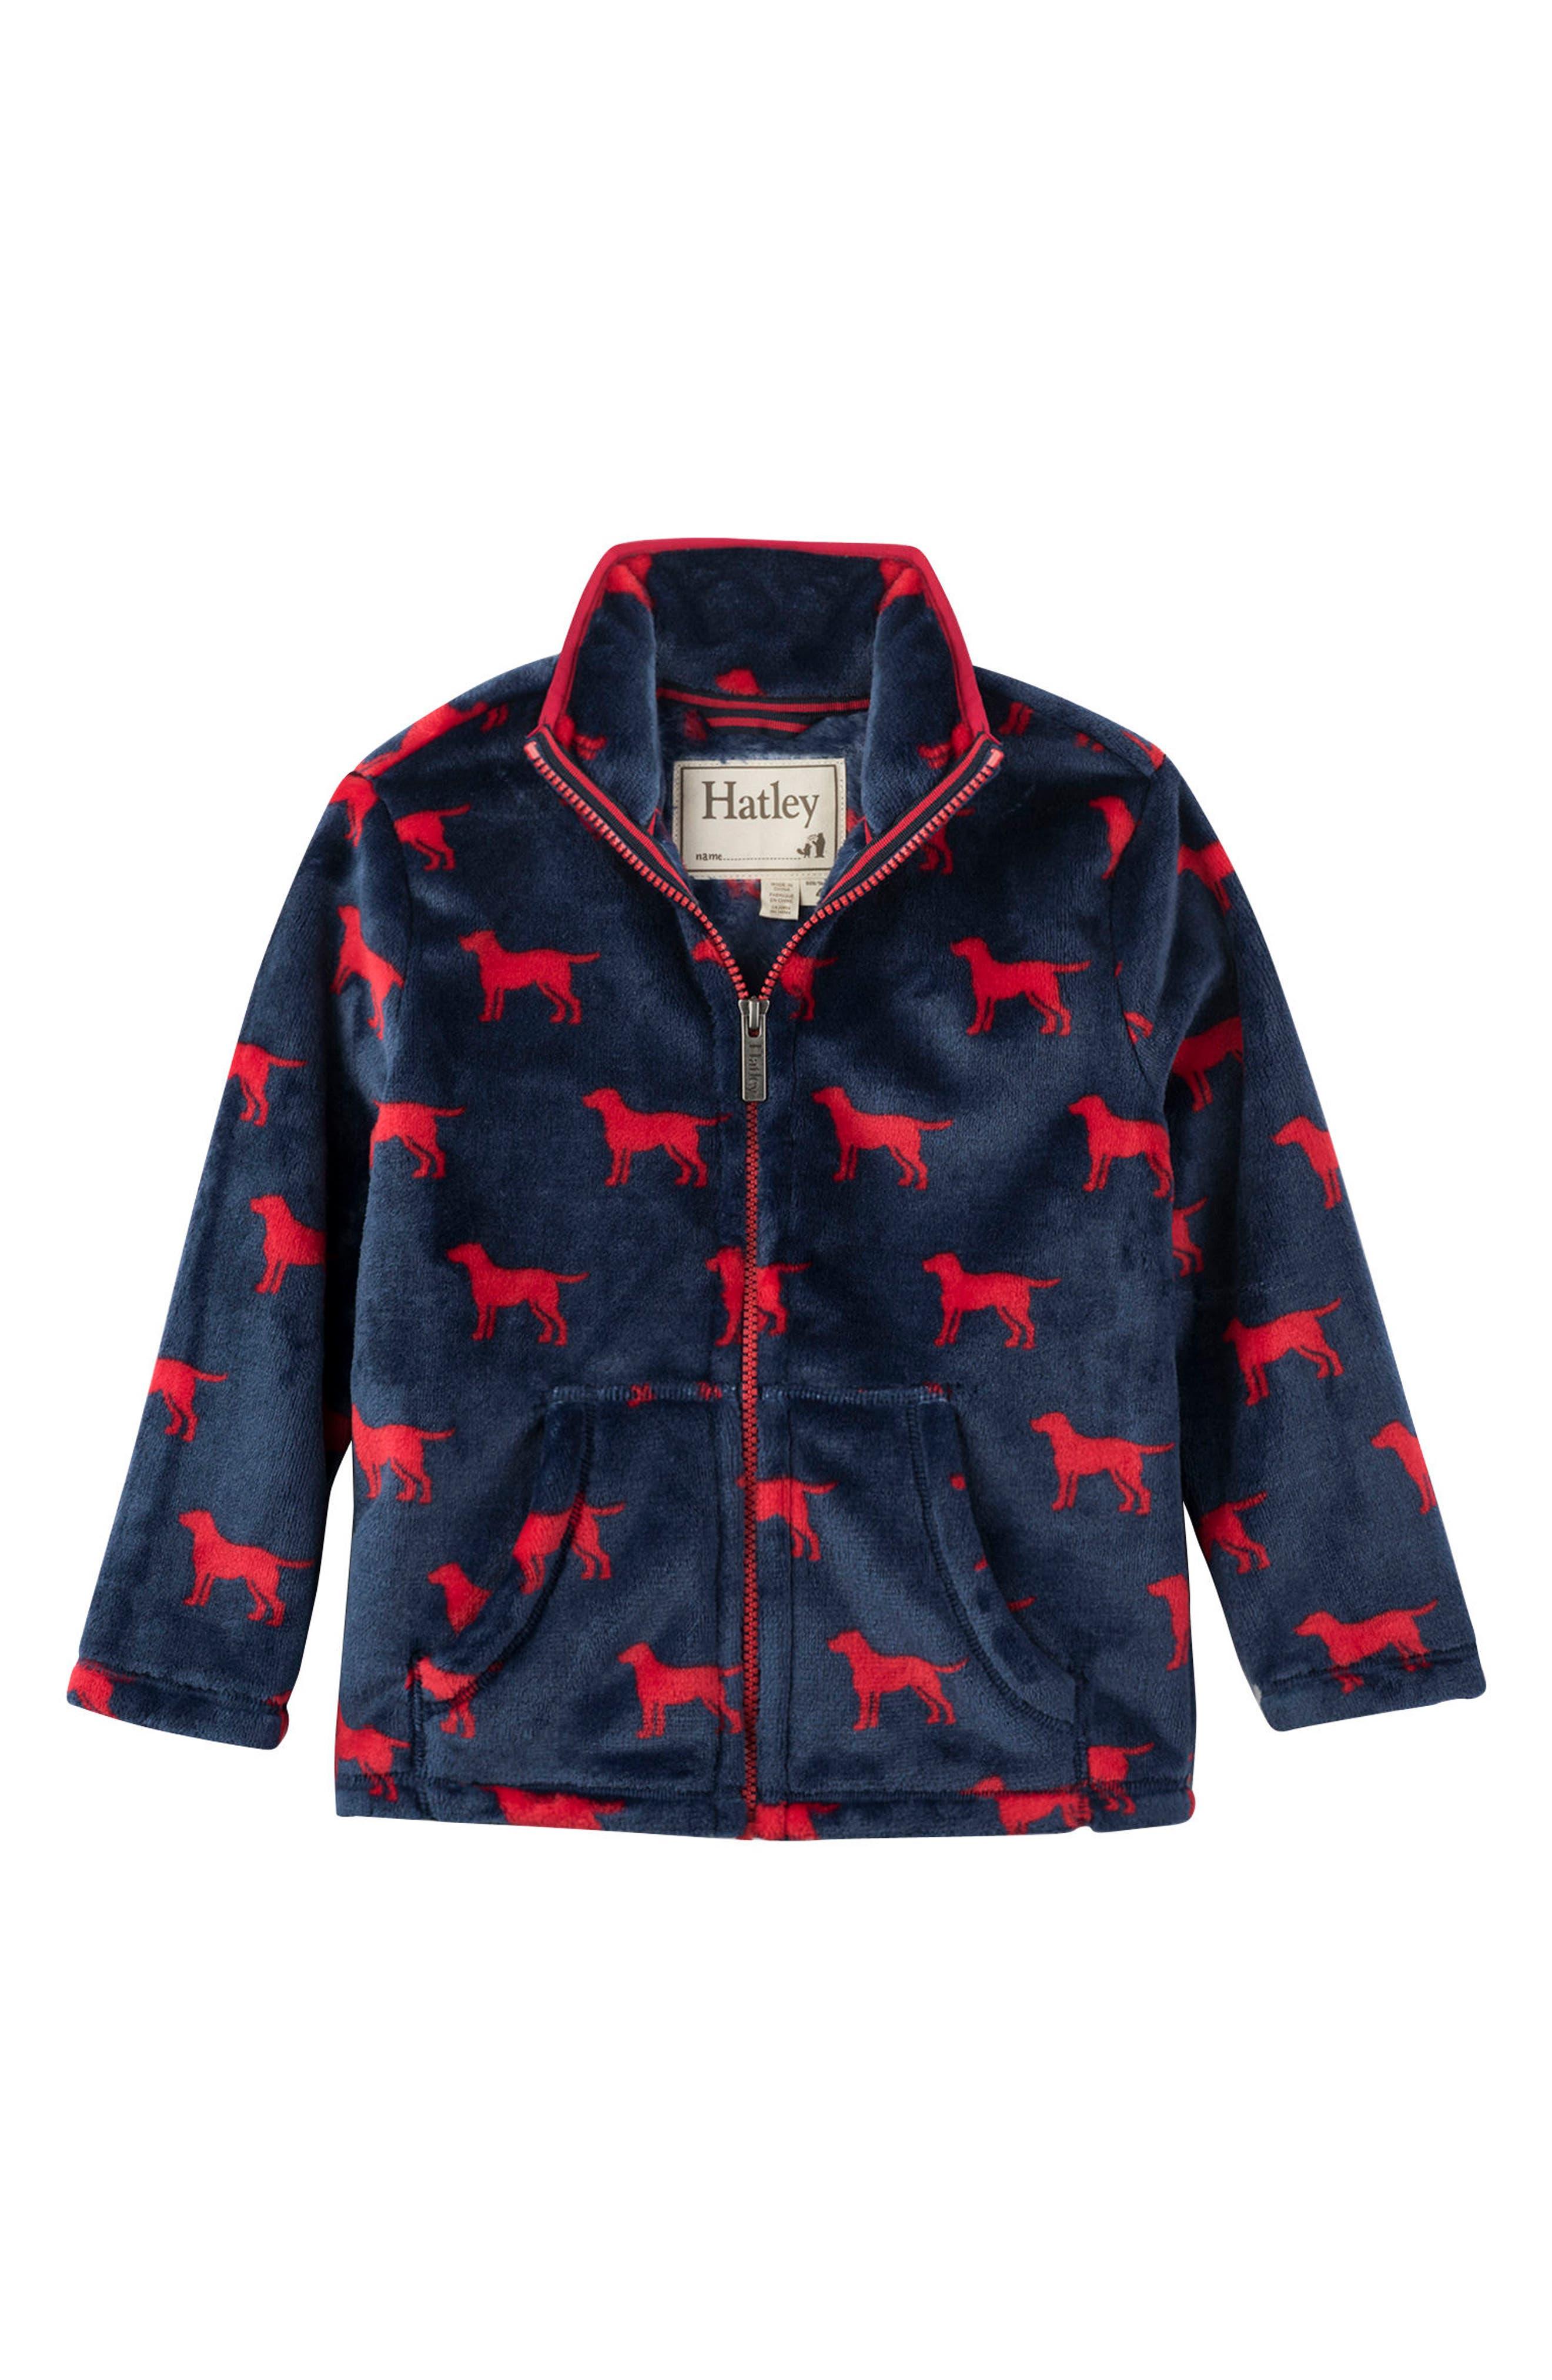 HATLEY, Red Labs Fleece Jacket, Main thumbnail 1, color, 400